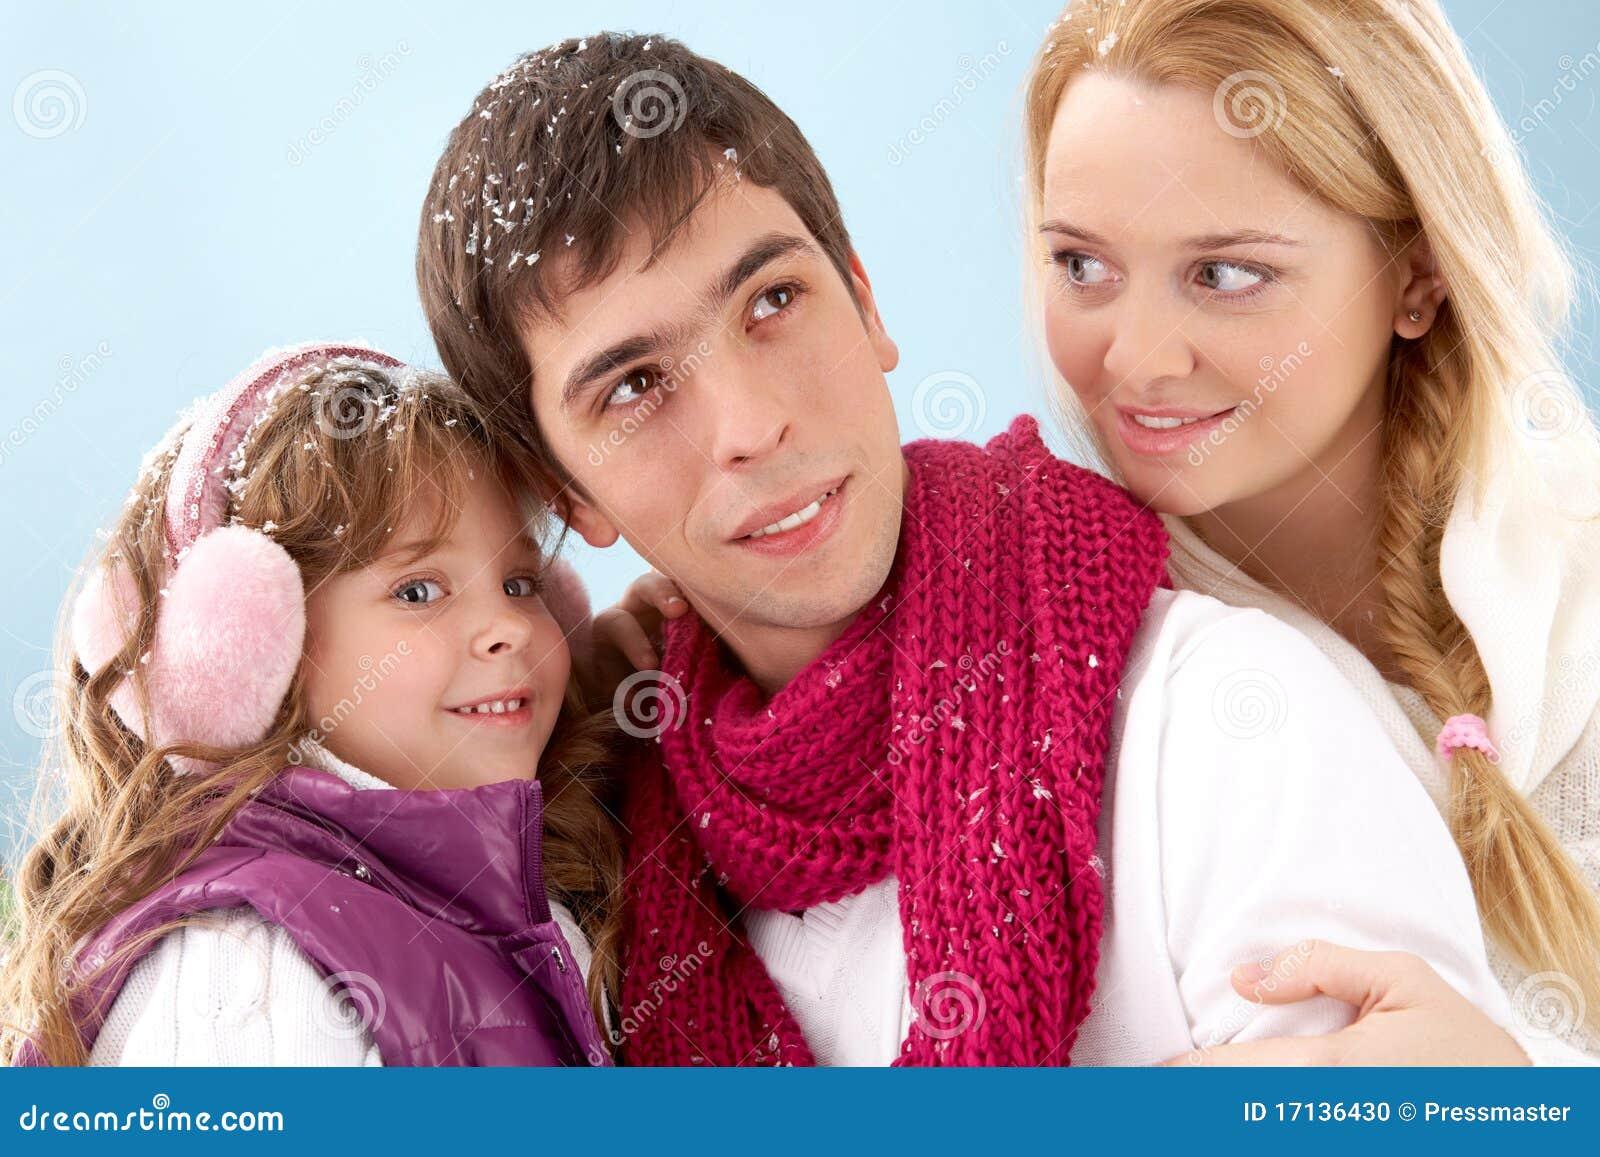 Три члена в девочку 4 фотография